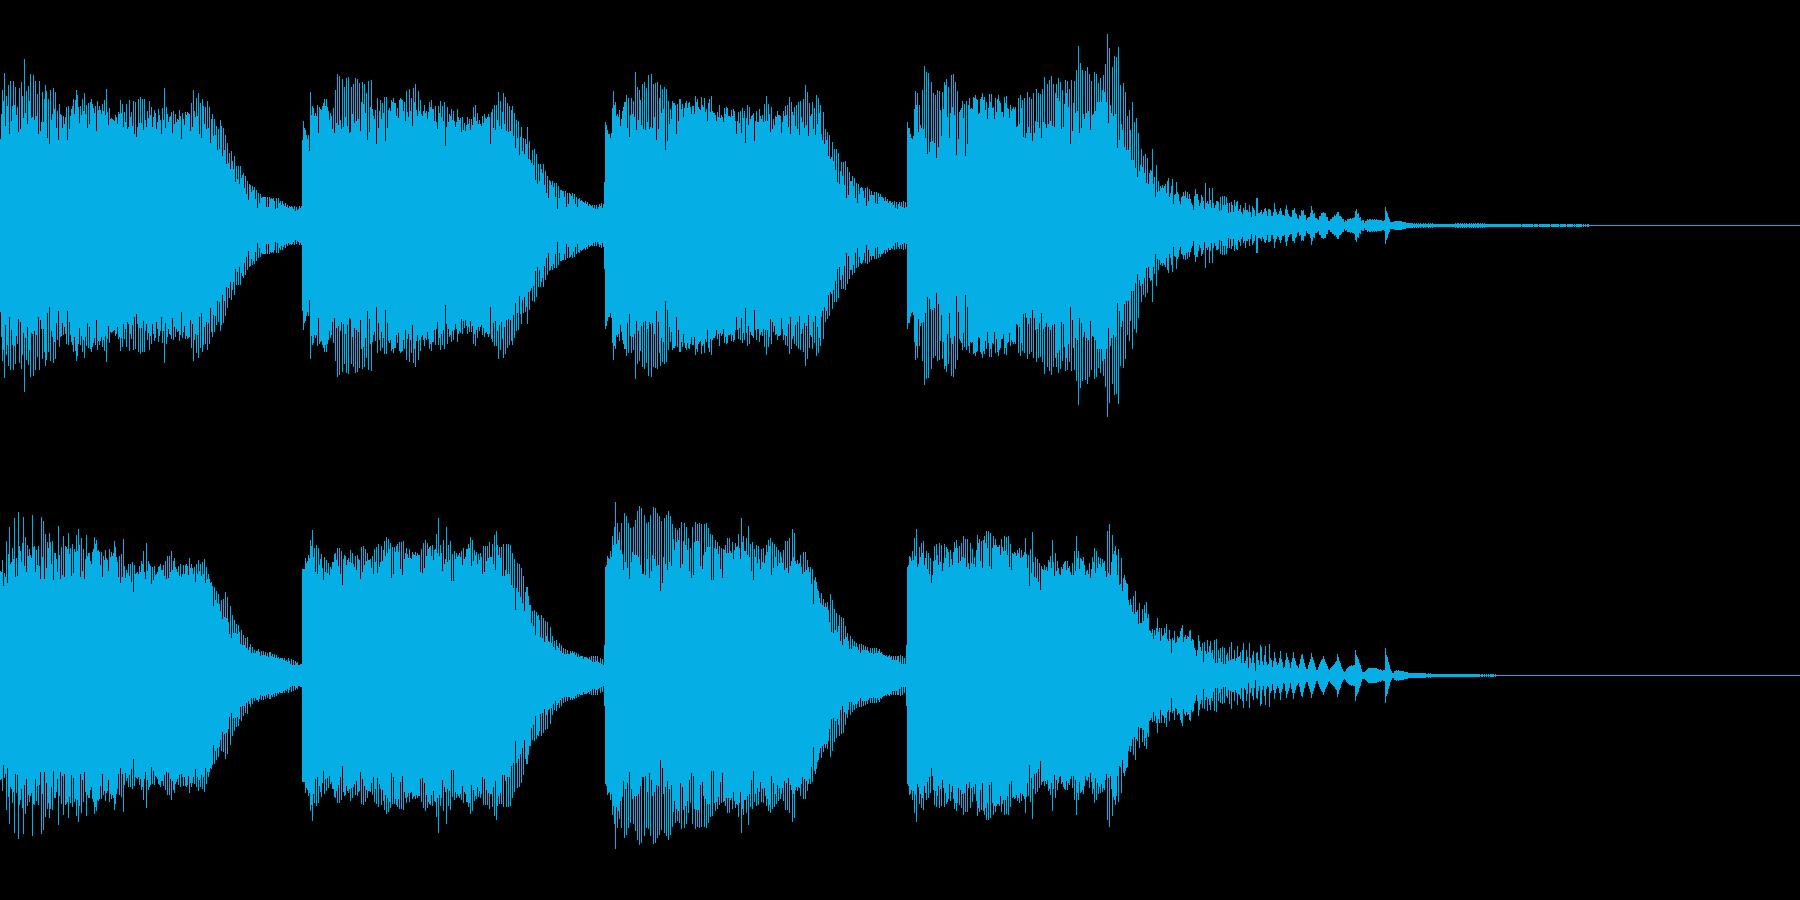 エラー・警告音の再生済みの波形